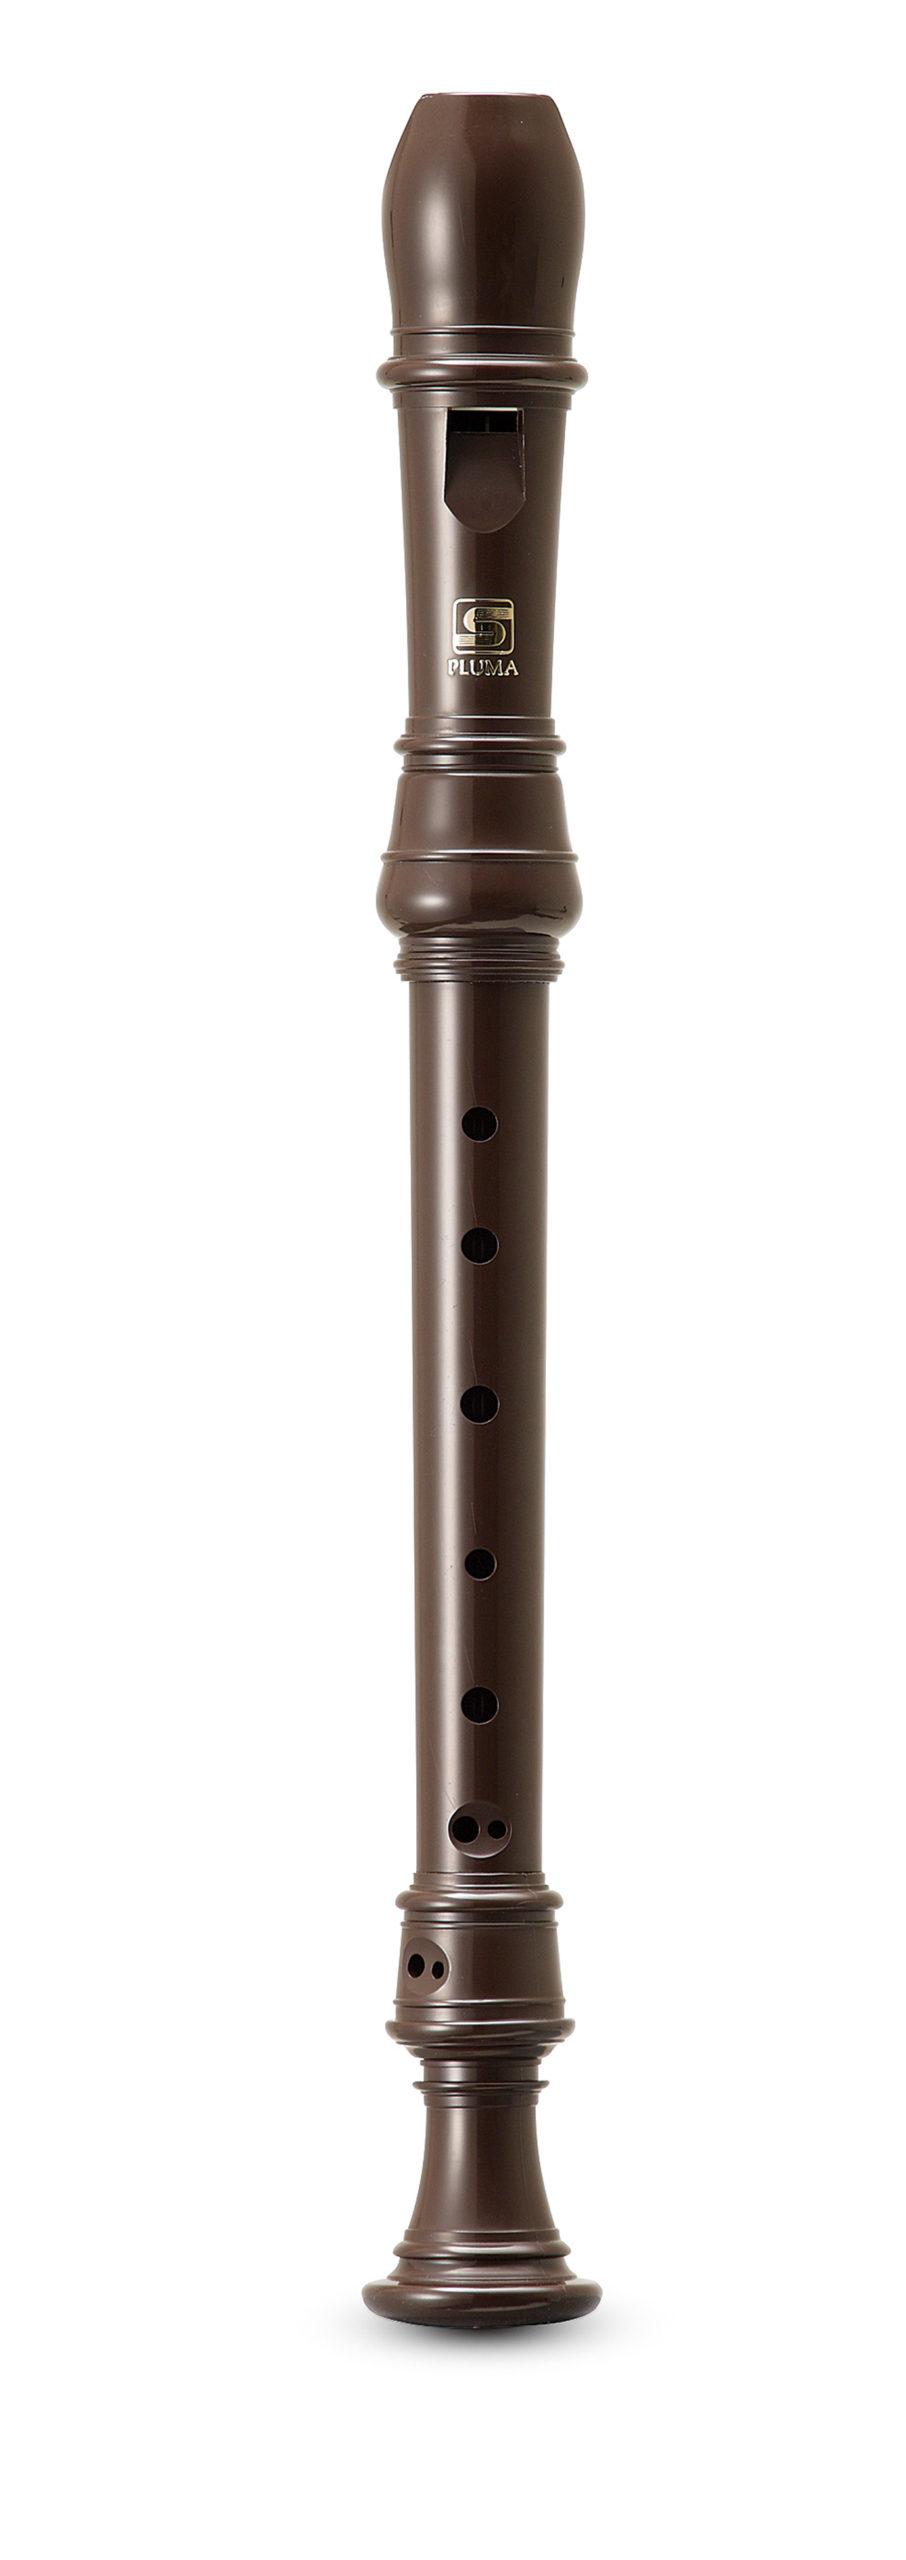 バロック式 テルトンモデル <br>SRE-515